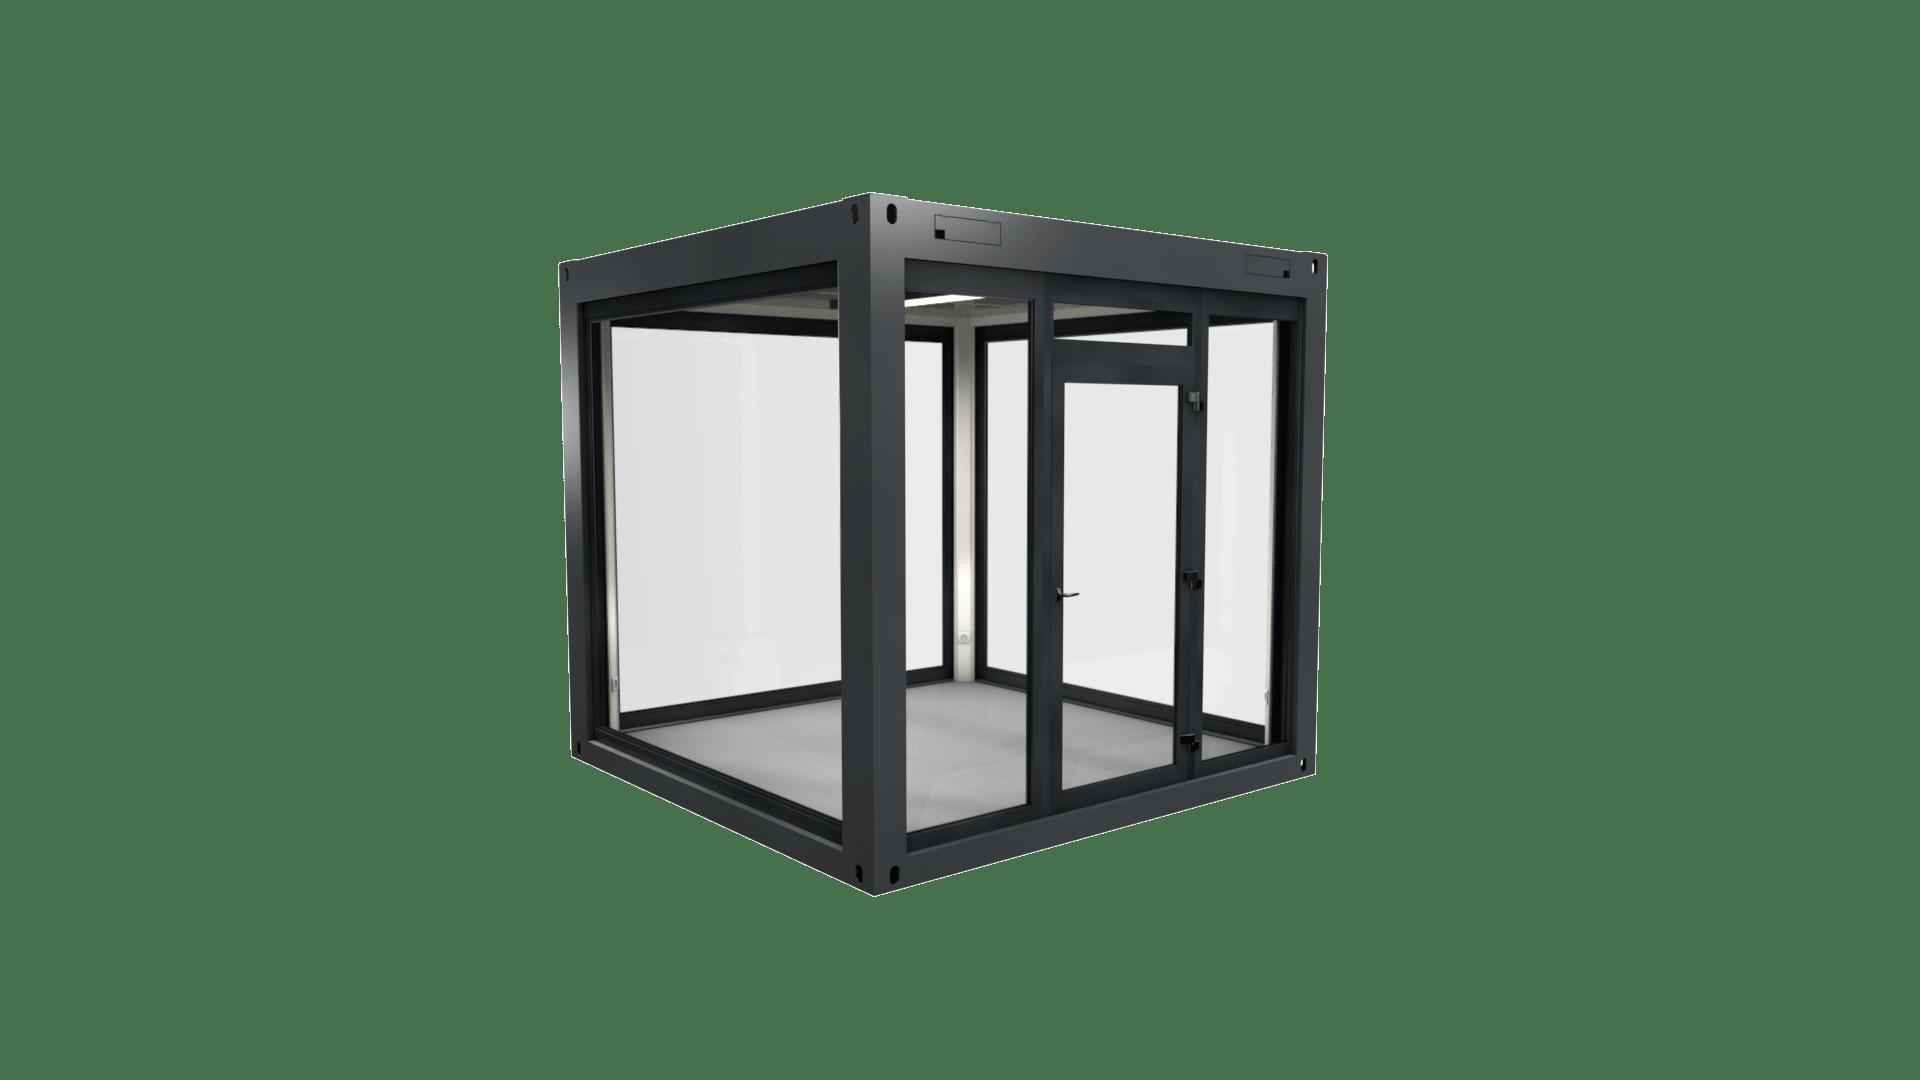 Cube 2 ist ein Containerwürfel mit Rundum-Panorama-Verglasung